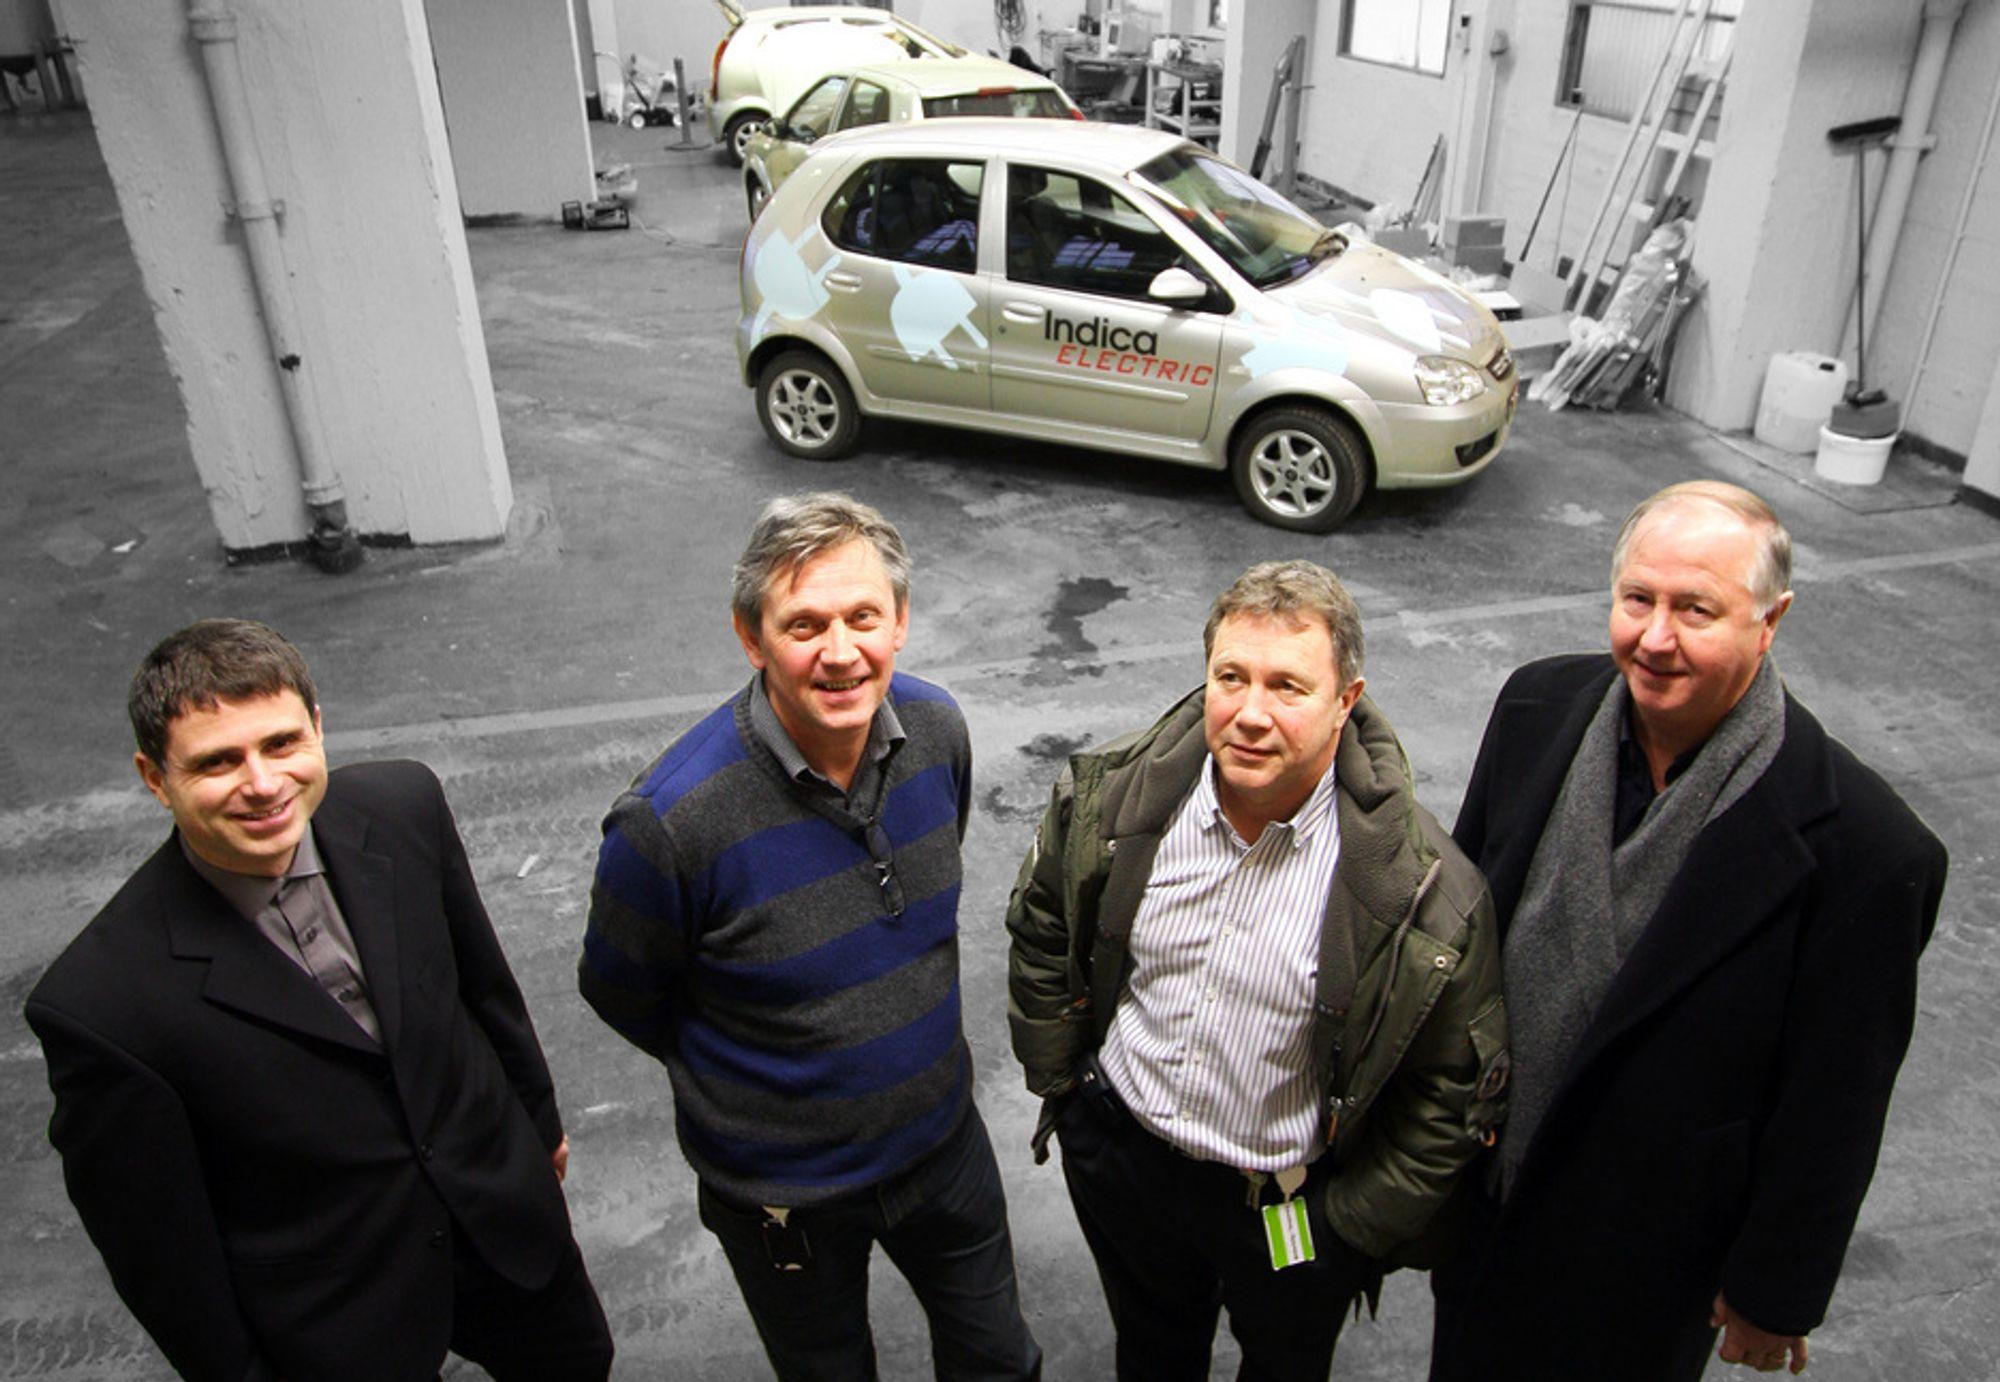 ENESTÅENDE: I januar neste år vil Herøya og Norge ha en av få fabrikker i verden som produserer litium-ion-batterier for biler. Fra venstre: Lars Ole Valøen, teknisk direktør i Miljø Innovasjon, Ivar Brynhildsvoll, administrerende direktør i Miljø Innovasjon, Bjørn Nenseth, direktør i Miljøbil Grenland og Harald Meland, markedssjef i Miljøbil Grenland.